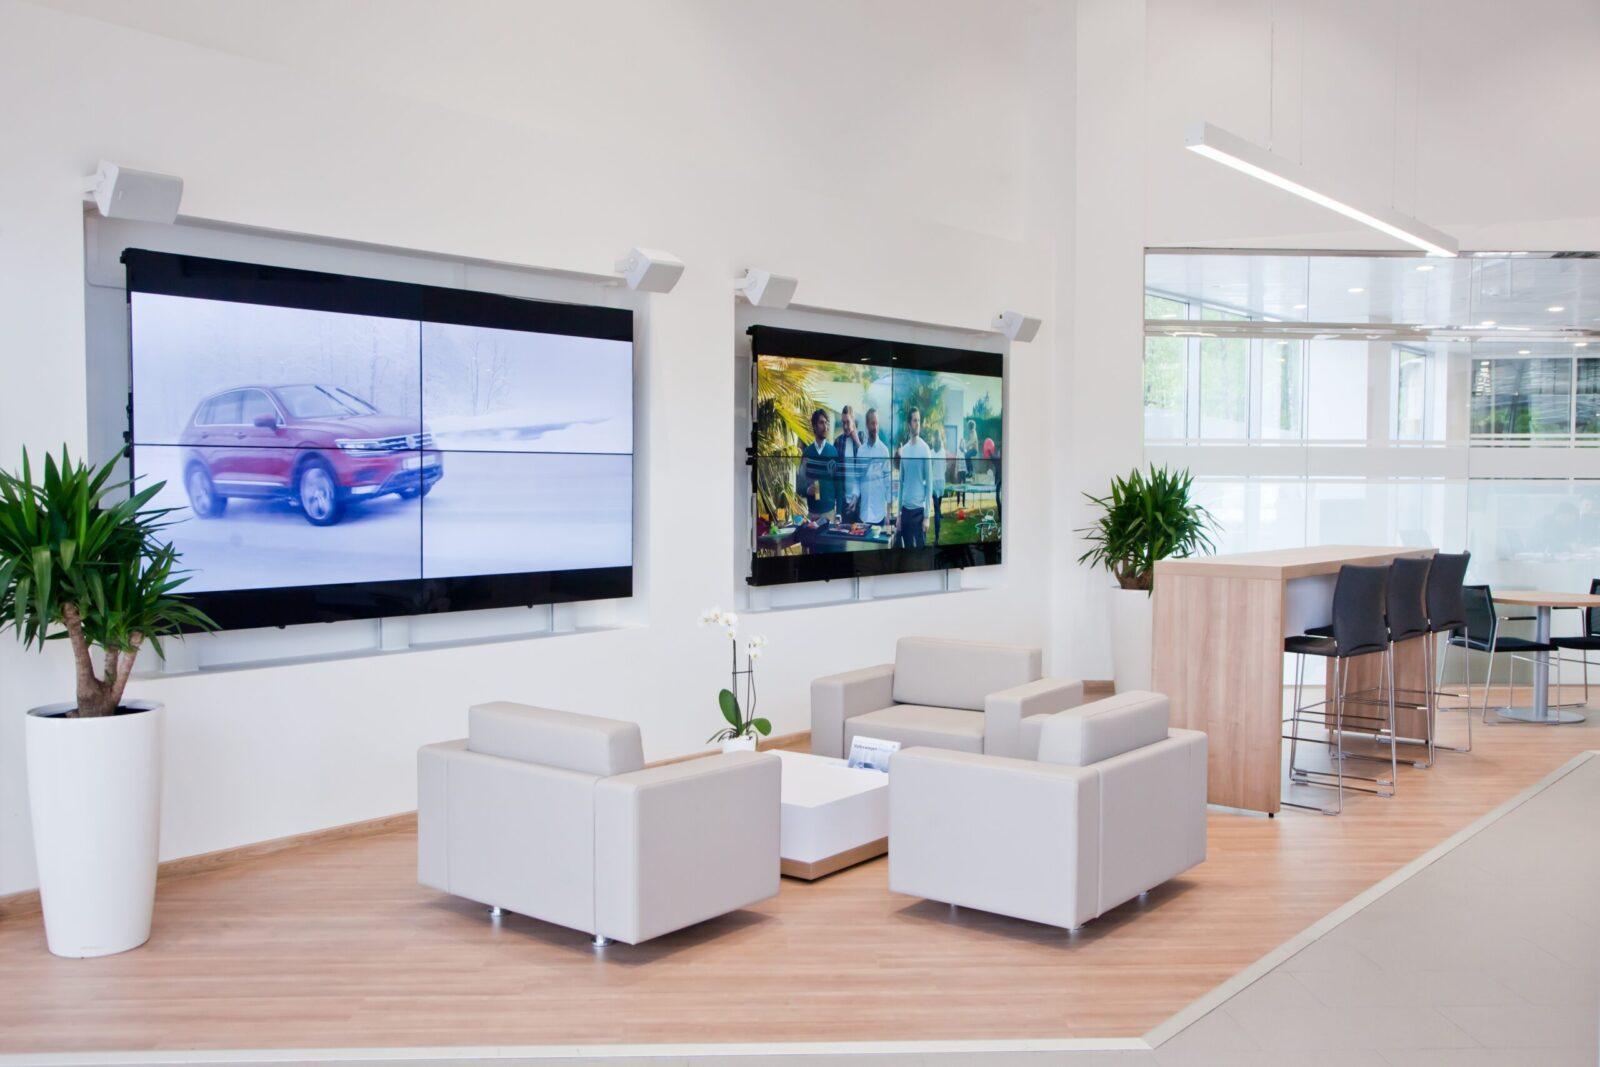 К сервису Volkswagen по онлайн продаже автомобилей подключилось 100 дилеров марки (2021 08 17 100 volkswagen scaled)